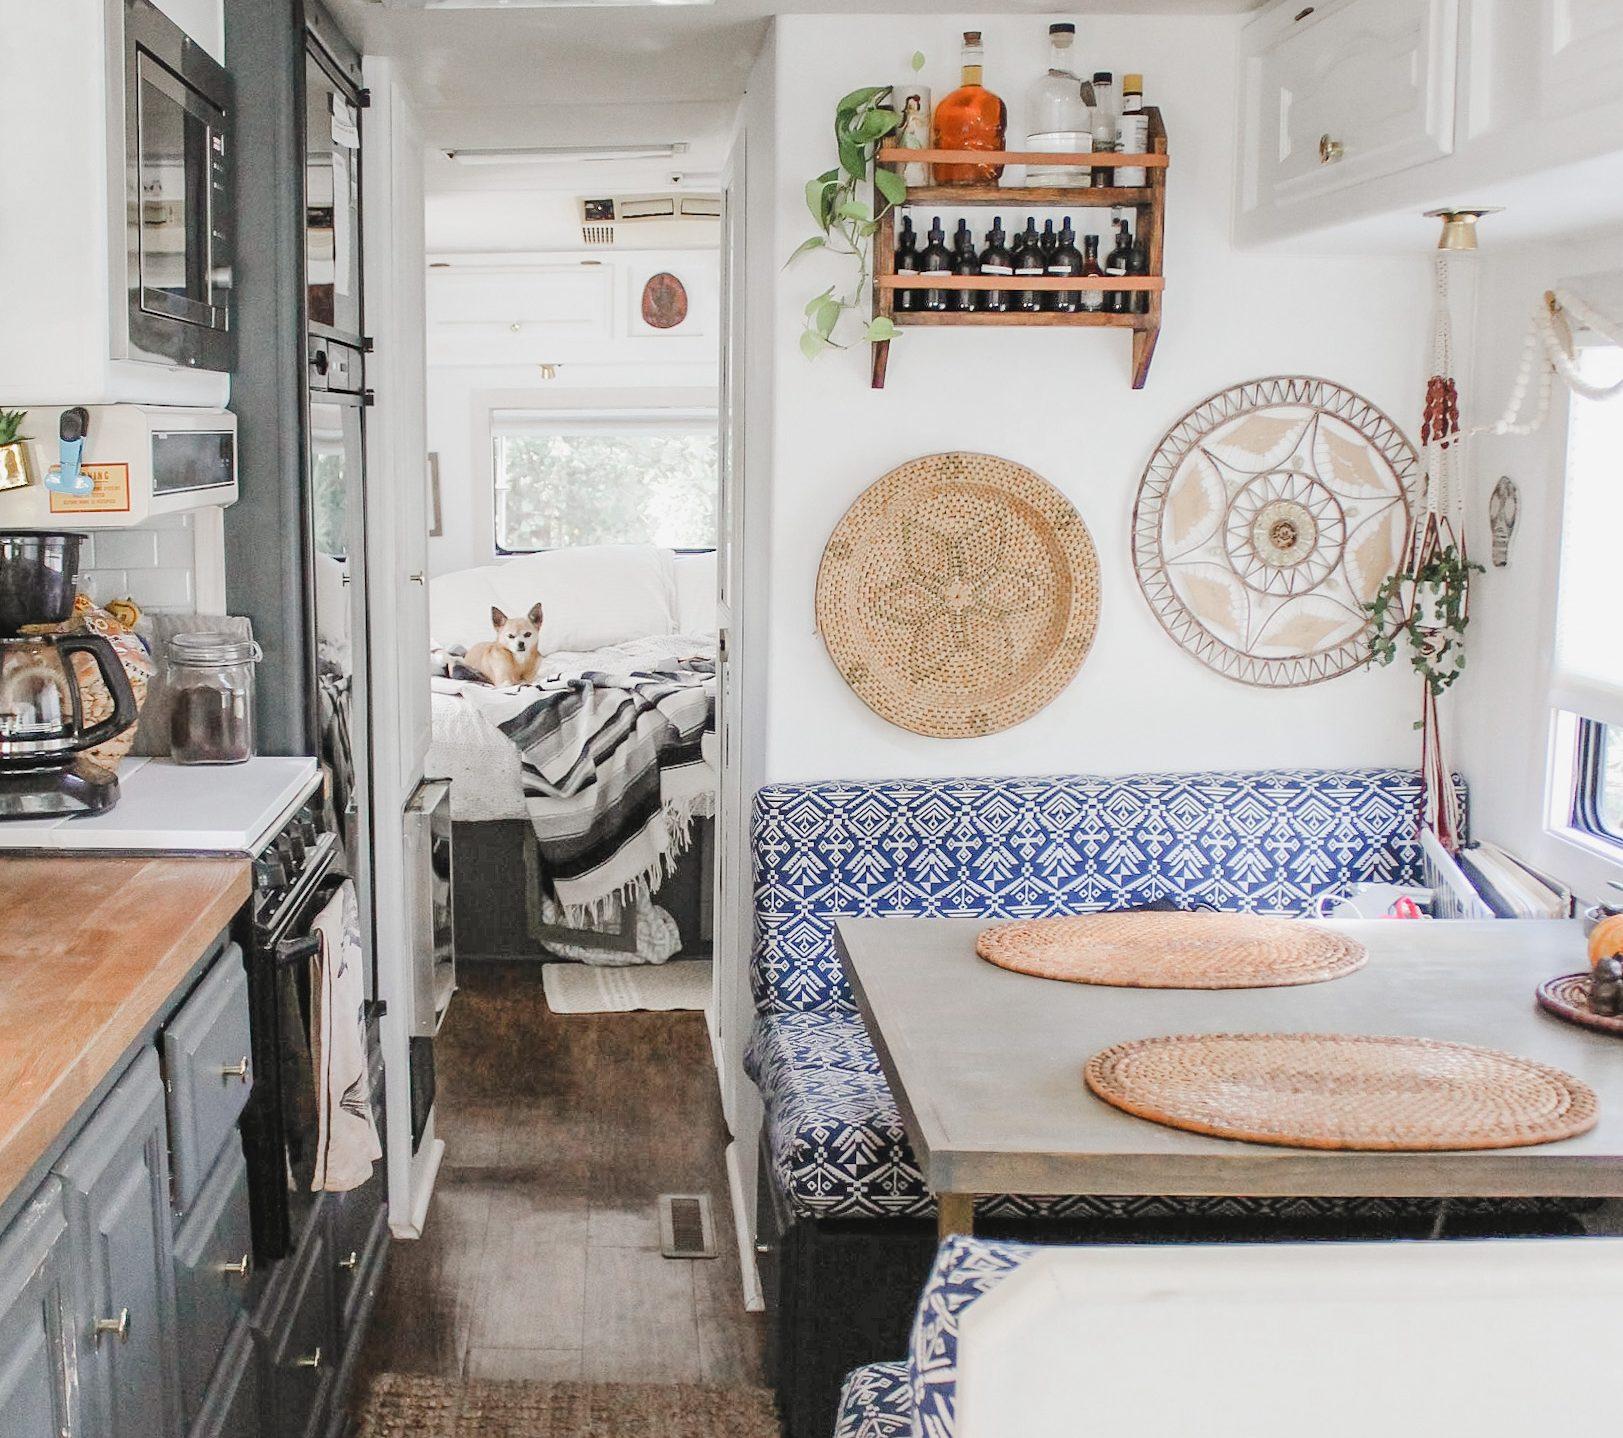 An older, dark laminate floor through an RV kitchen.